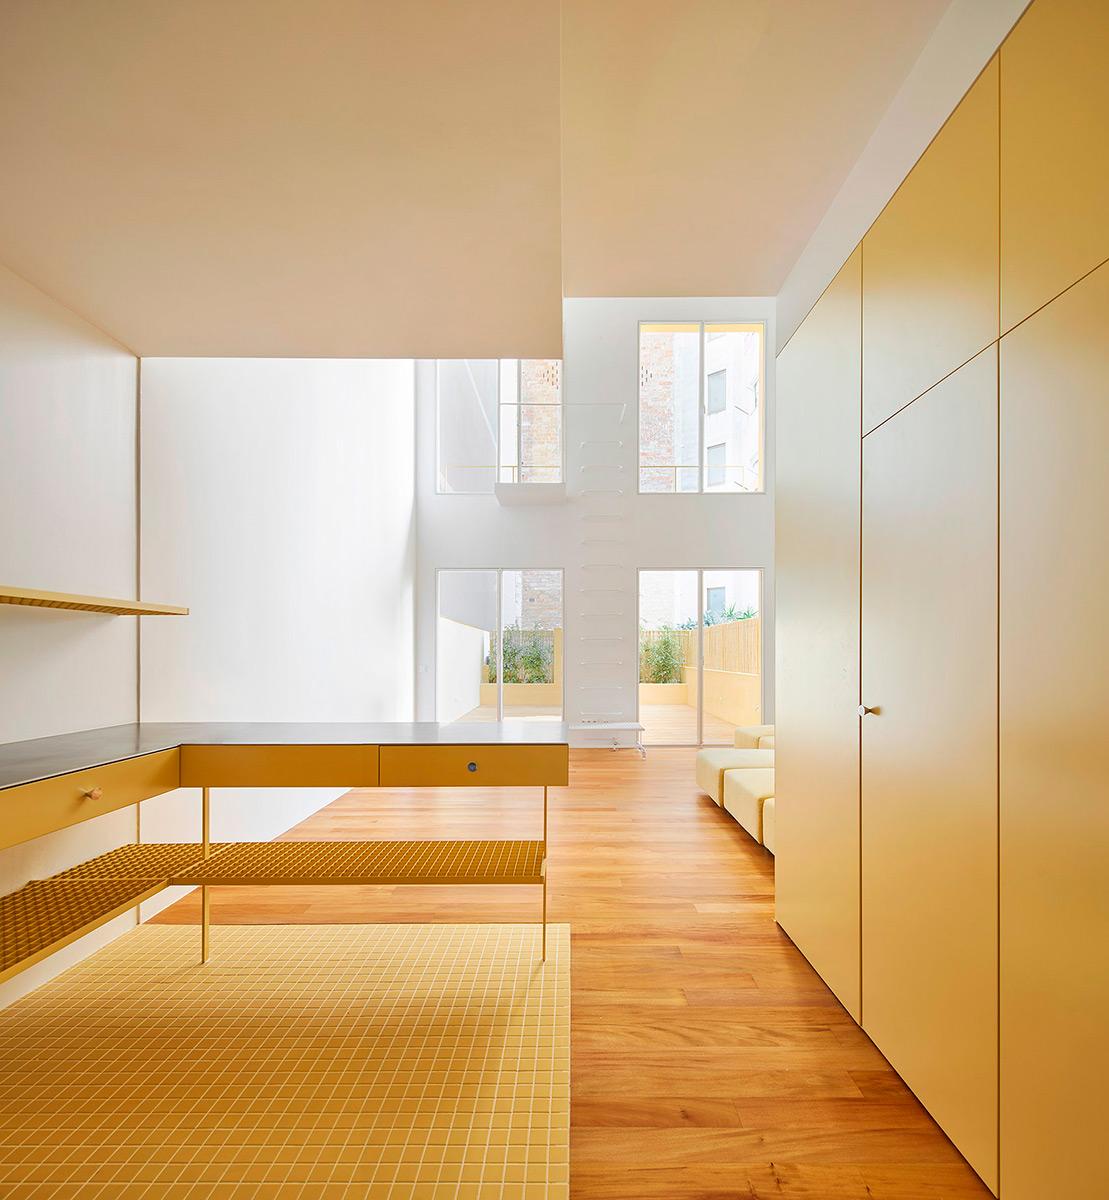 Duplex-Sant-Gervasi-Arquitectura-G-Jose-Hevia-03